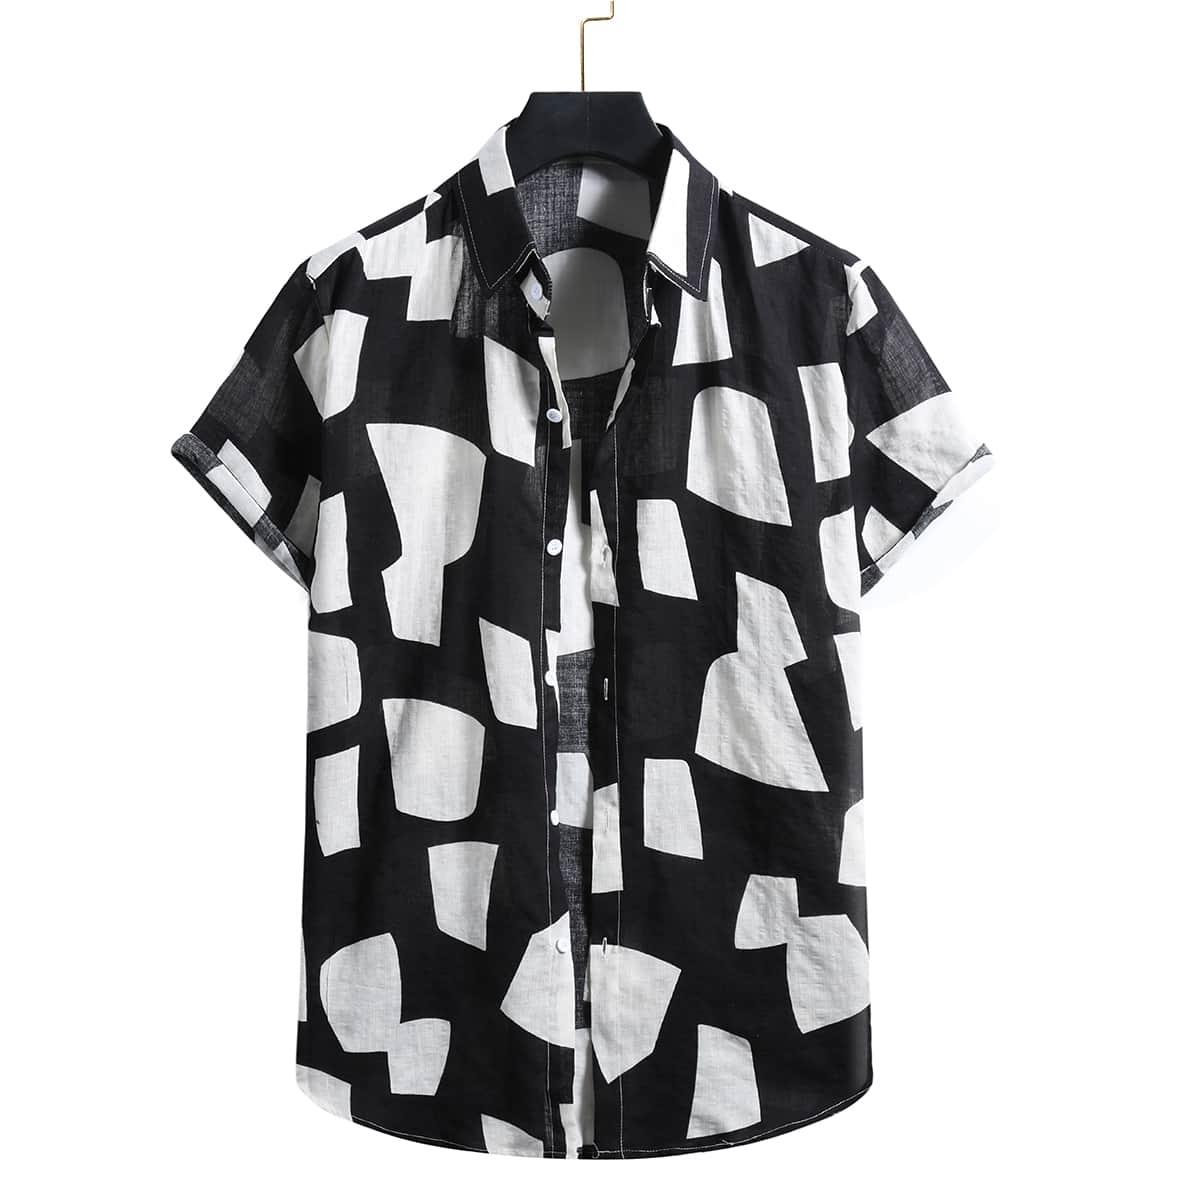 Пуговица Принт Повседневный Мужские рубашки SheIn rmshirt25210513196